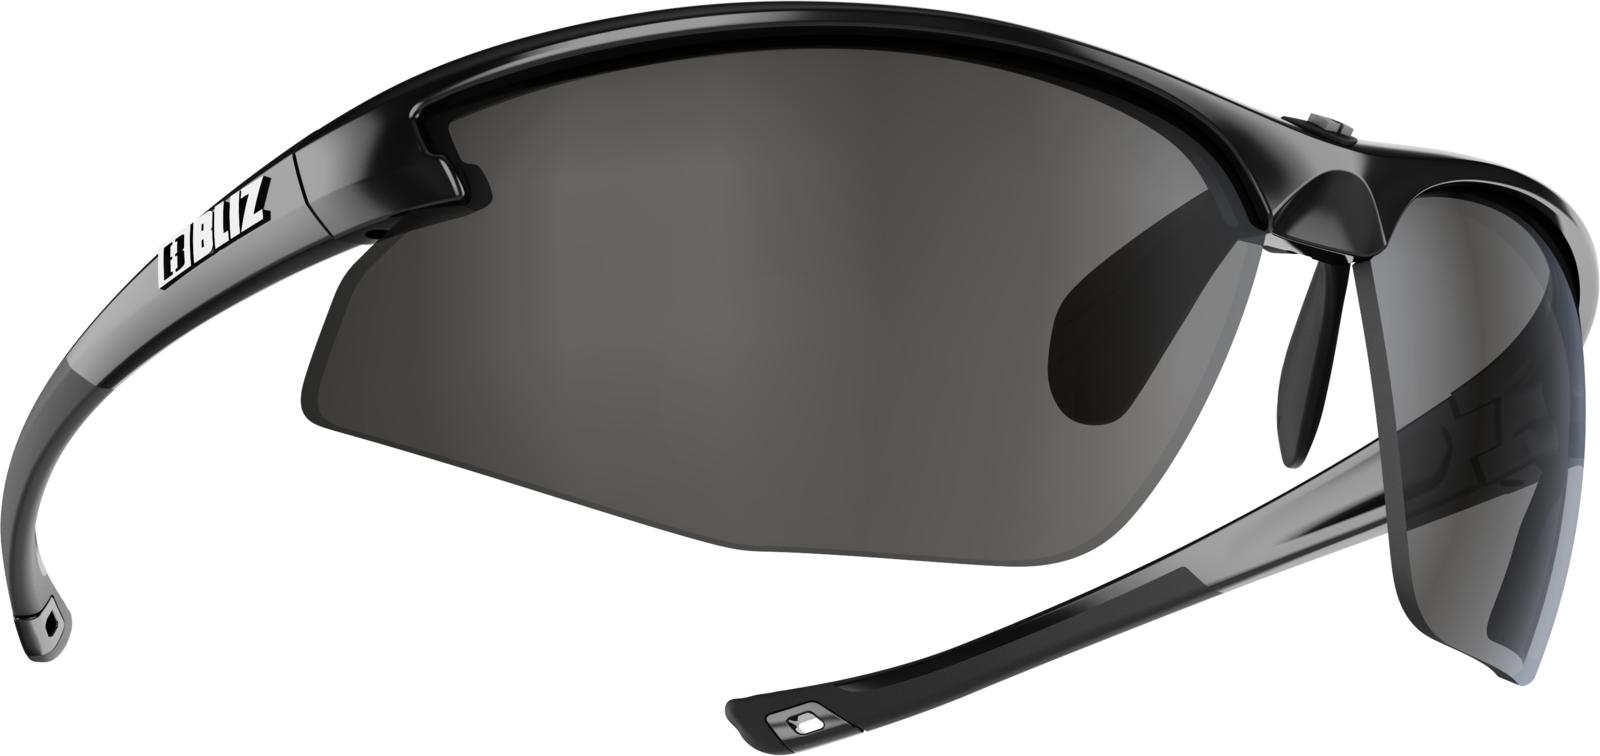 Очки спортивные Bliz Motion+, для беговых лыж, велоспорта, цвет: черный shinu прозрачные желтые рамки бамбуковые ножки оранжевые линзы